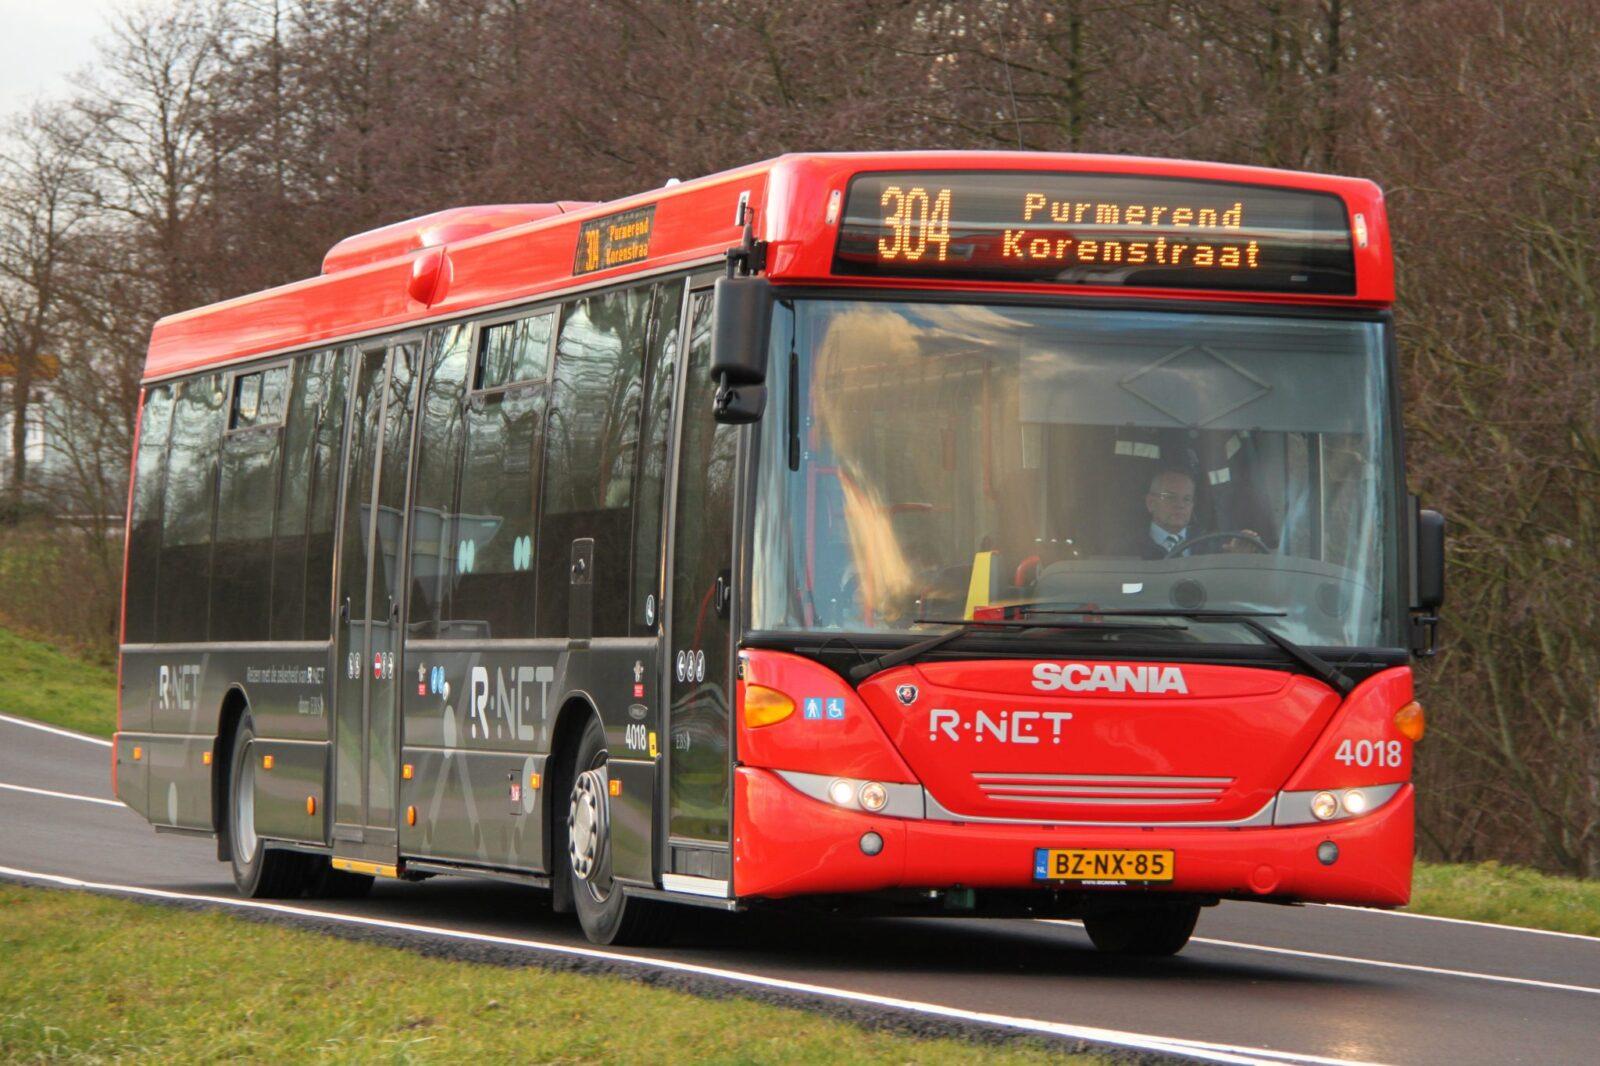 Petitie tegen R-net bussen | RTV Katwijk